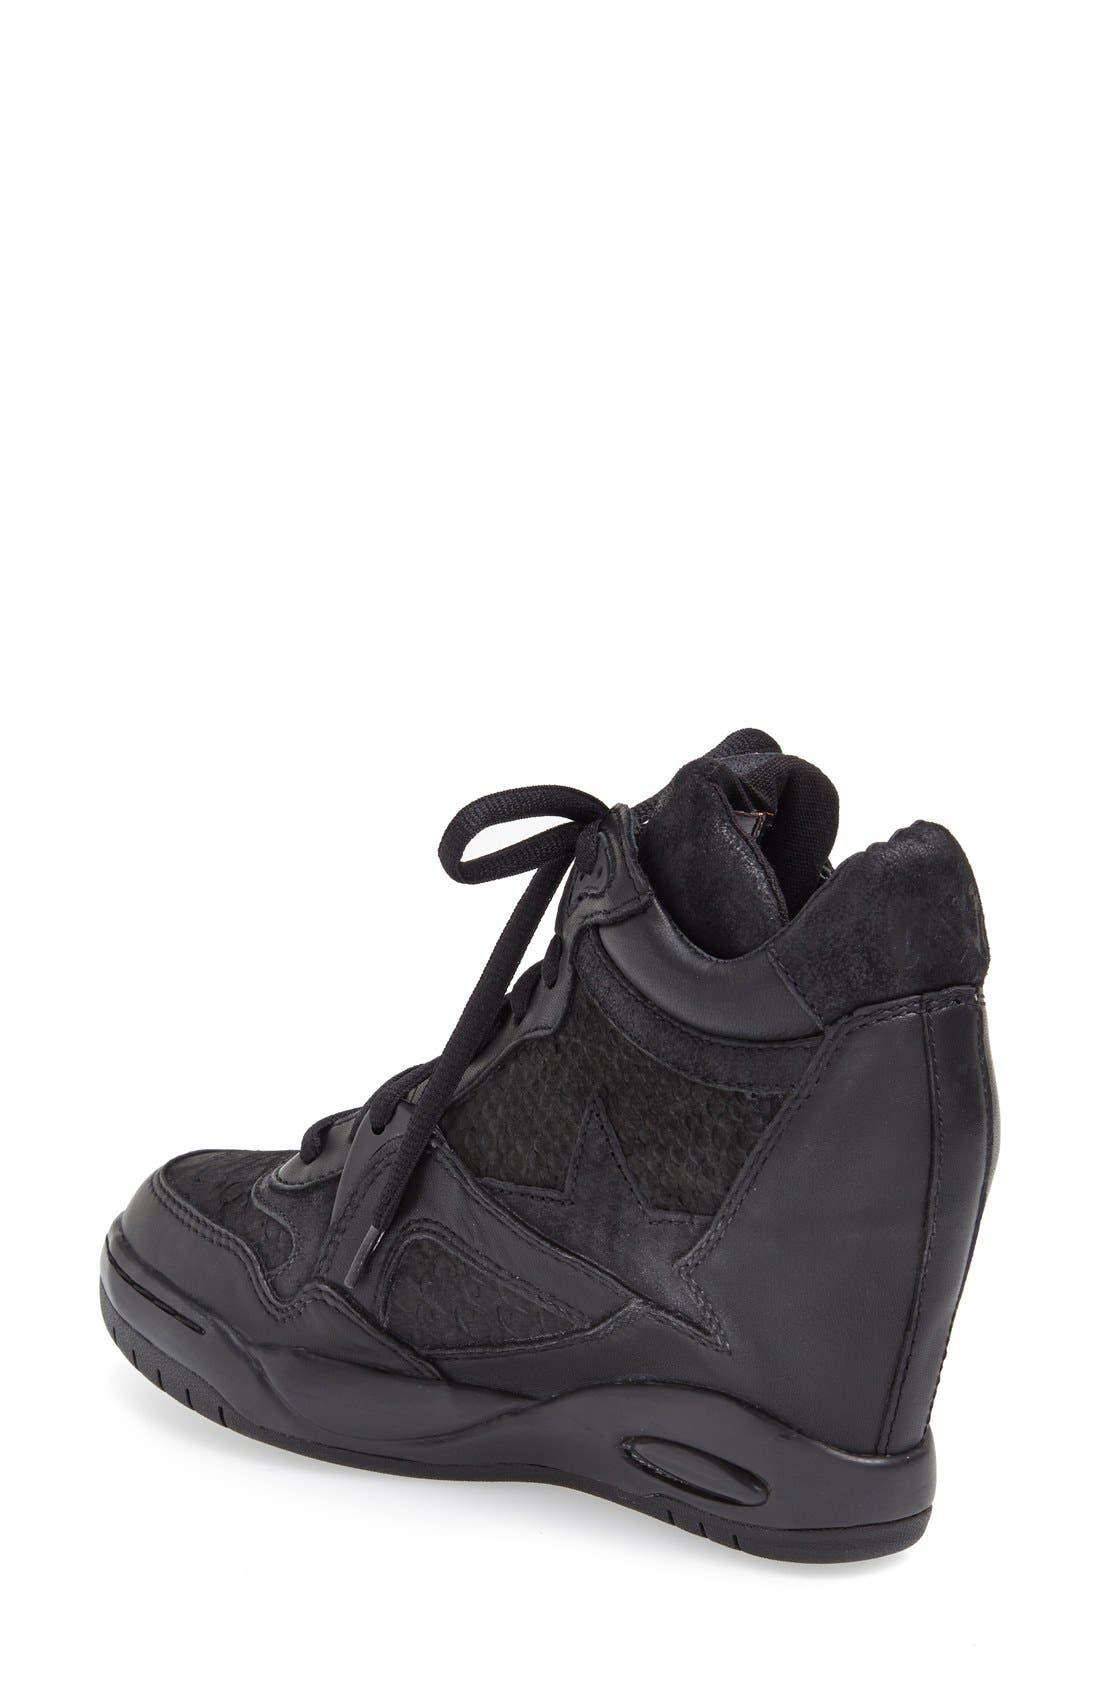 Alternate Image 2  - Ash 'Bling' Hidden Wedge Sneaker (Women)